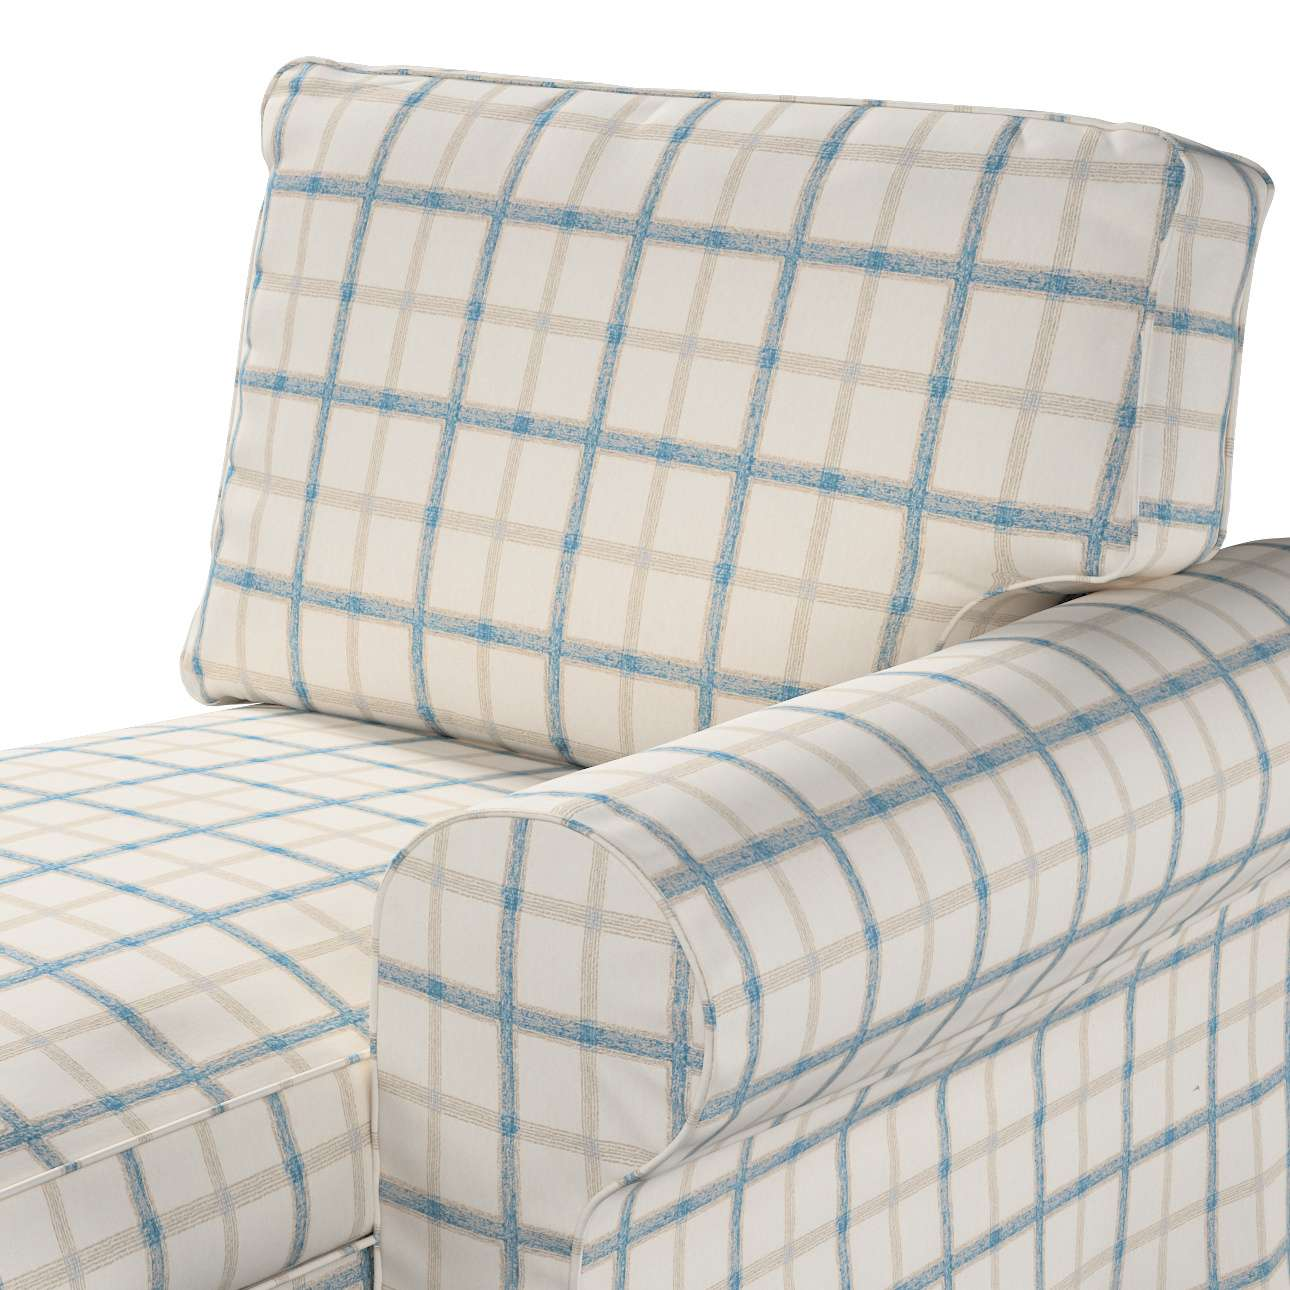 Pokrowiec na szezlong Ektorp prawy w kolekcji Avinon, tkanina: 131-66